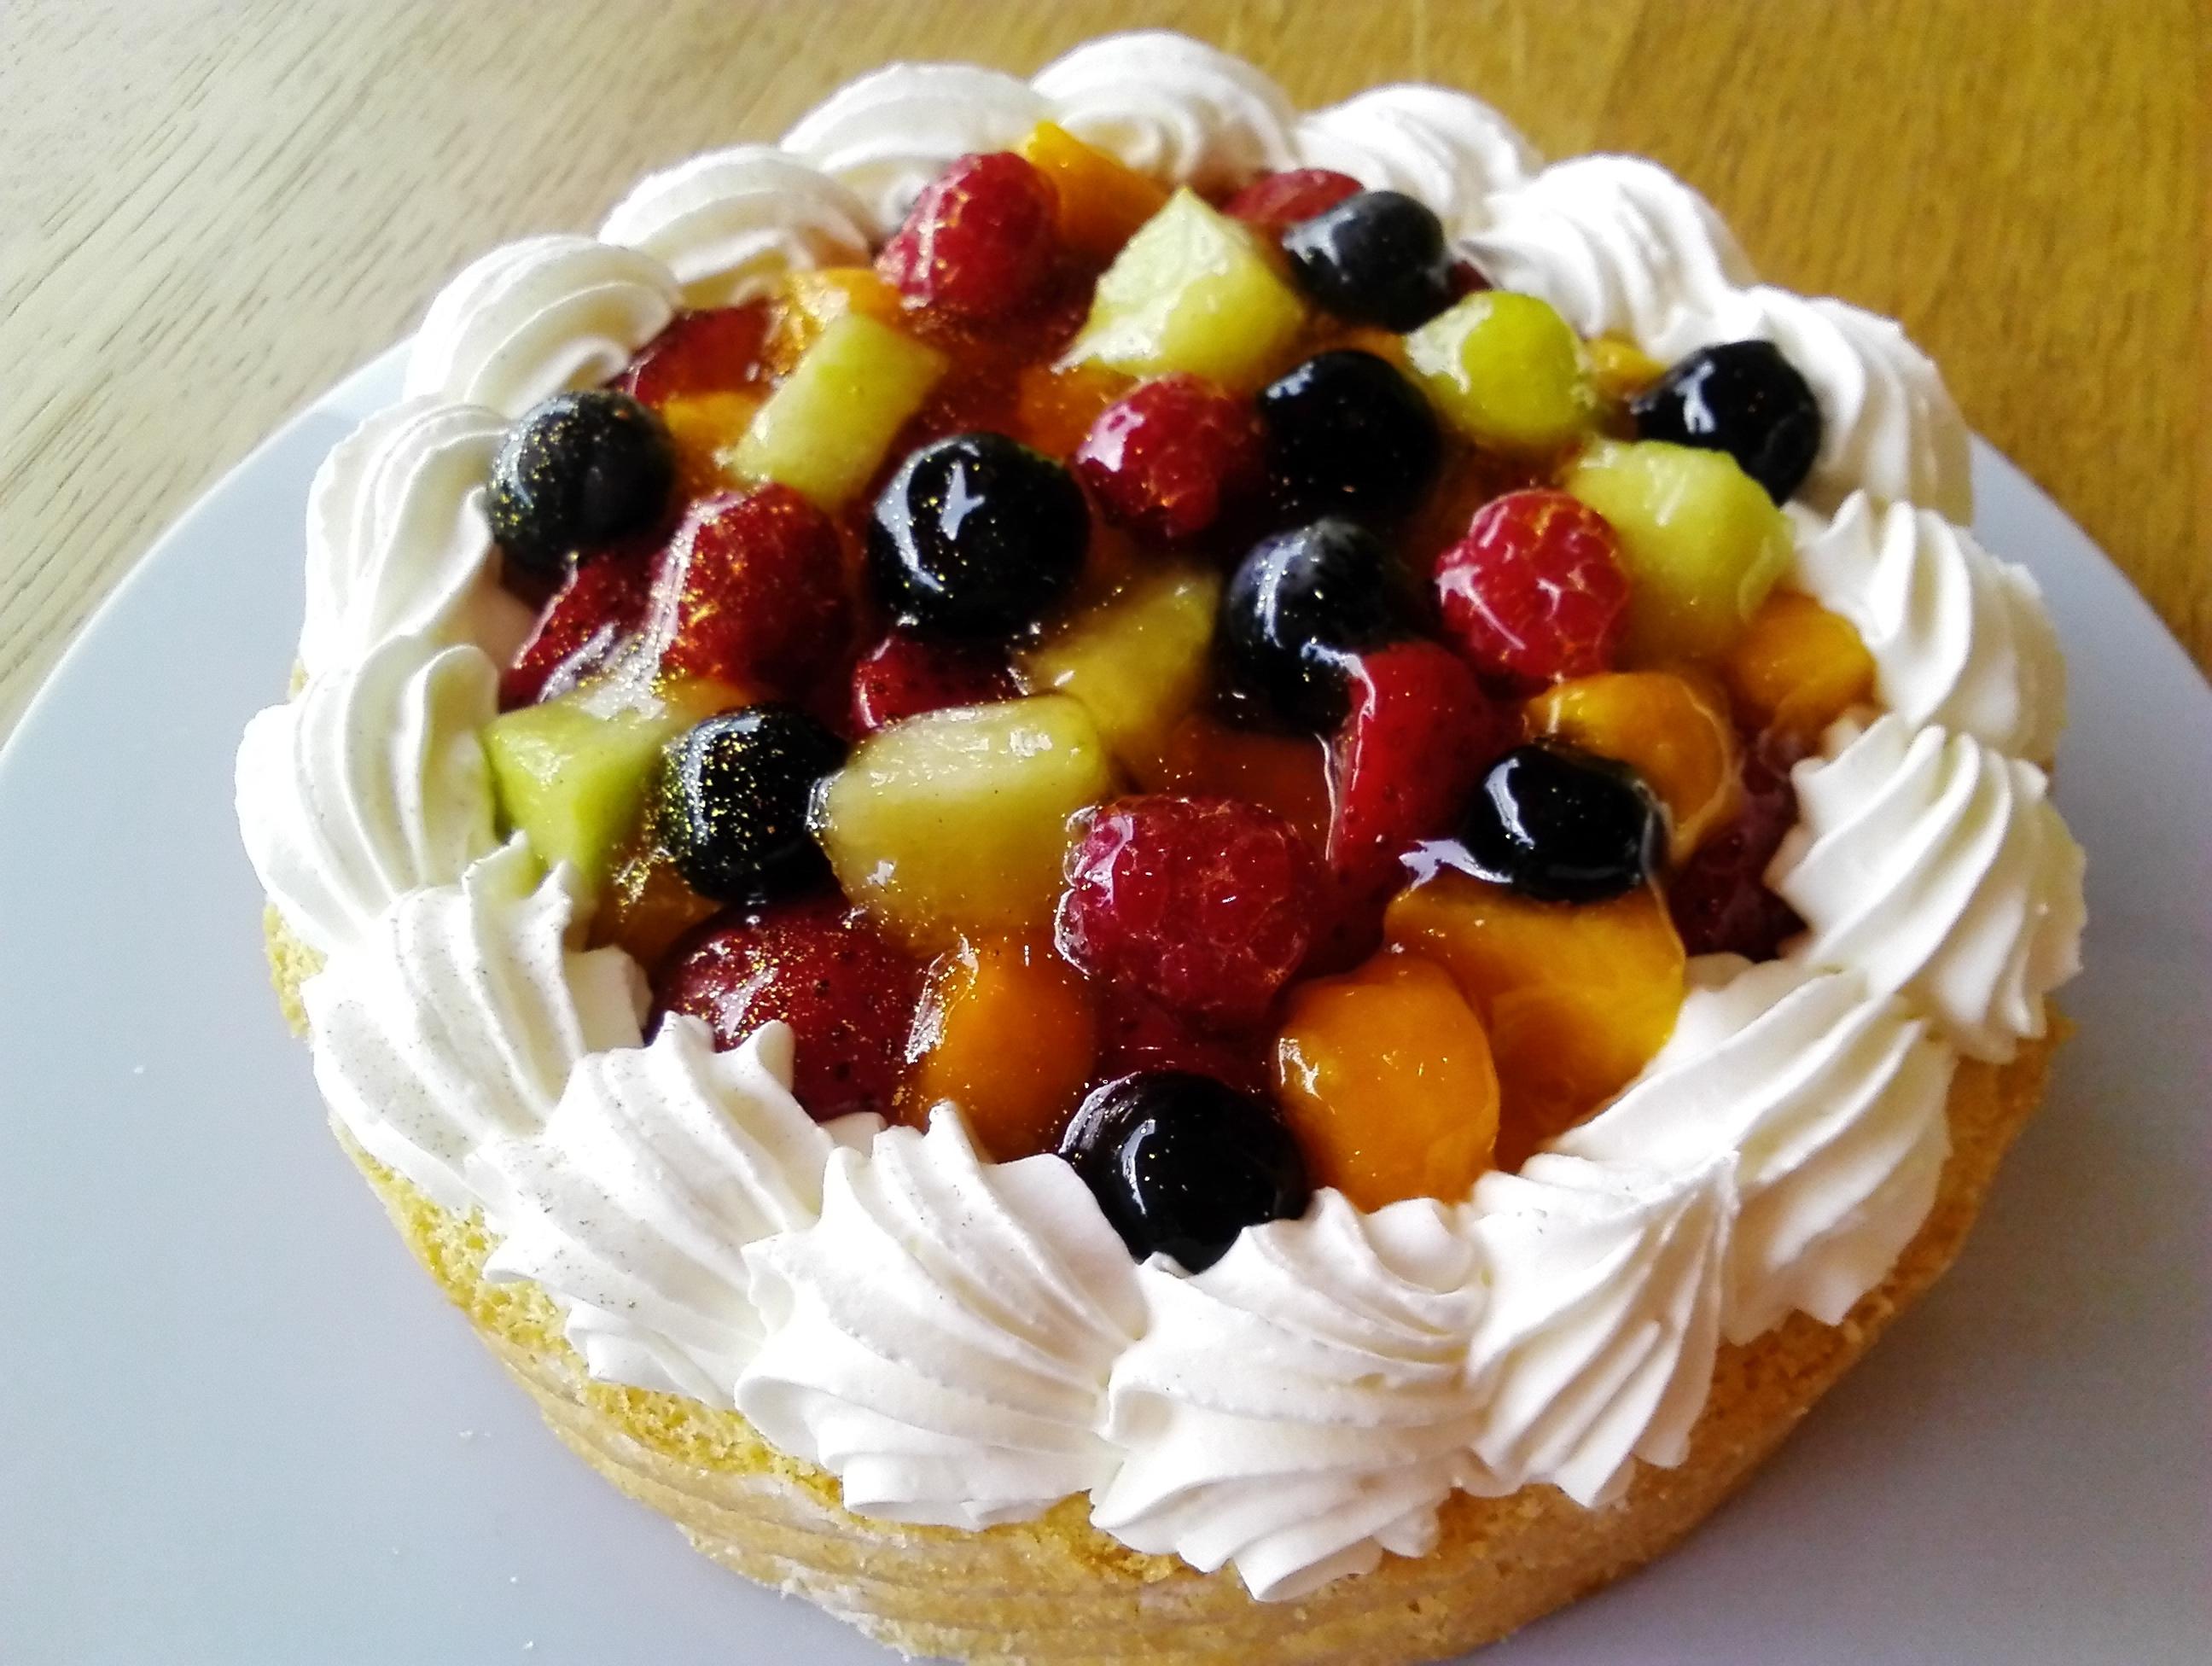 フルーツたっぷりアイスケーキ5号サイズ